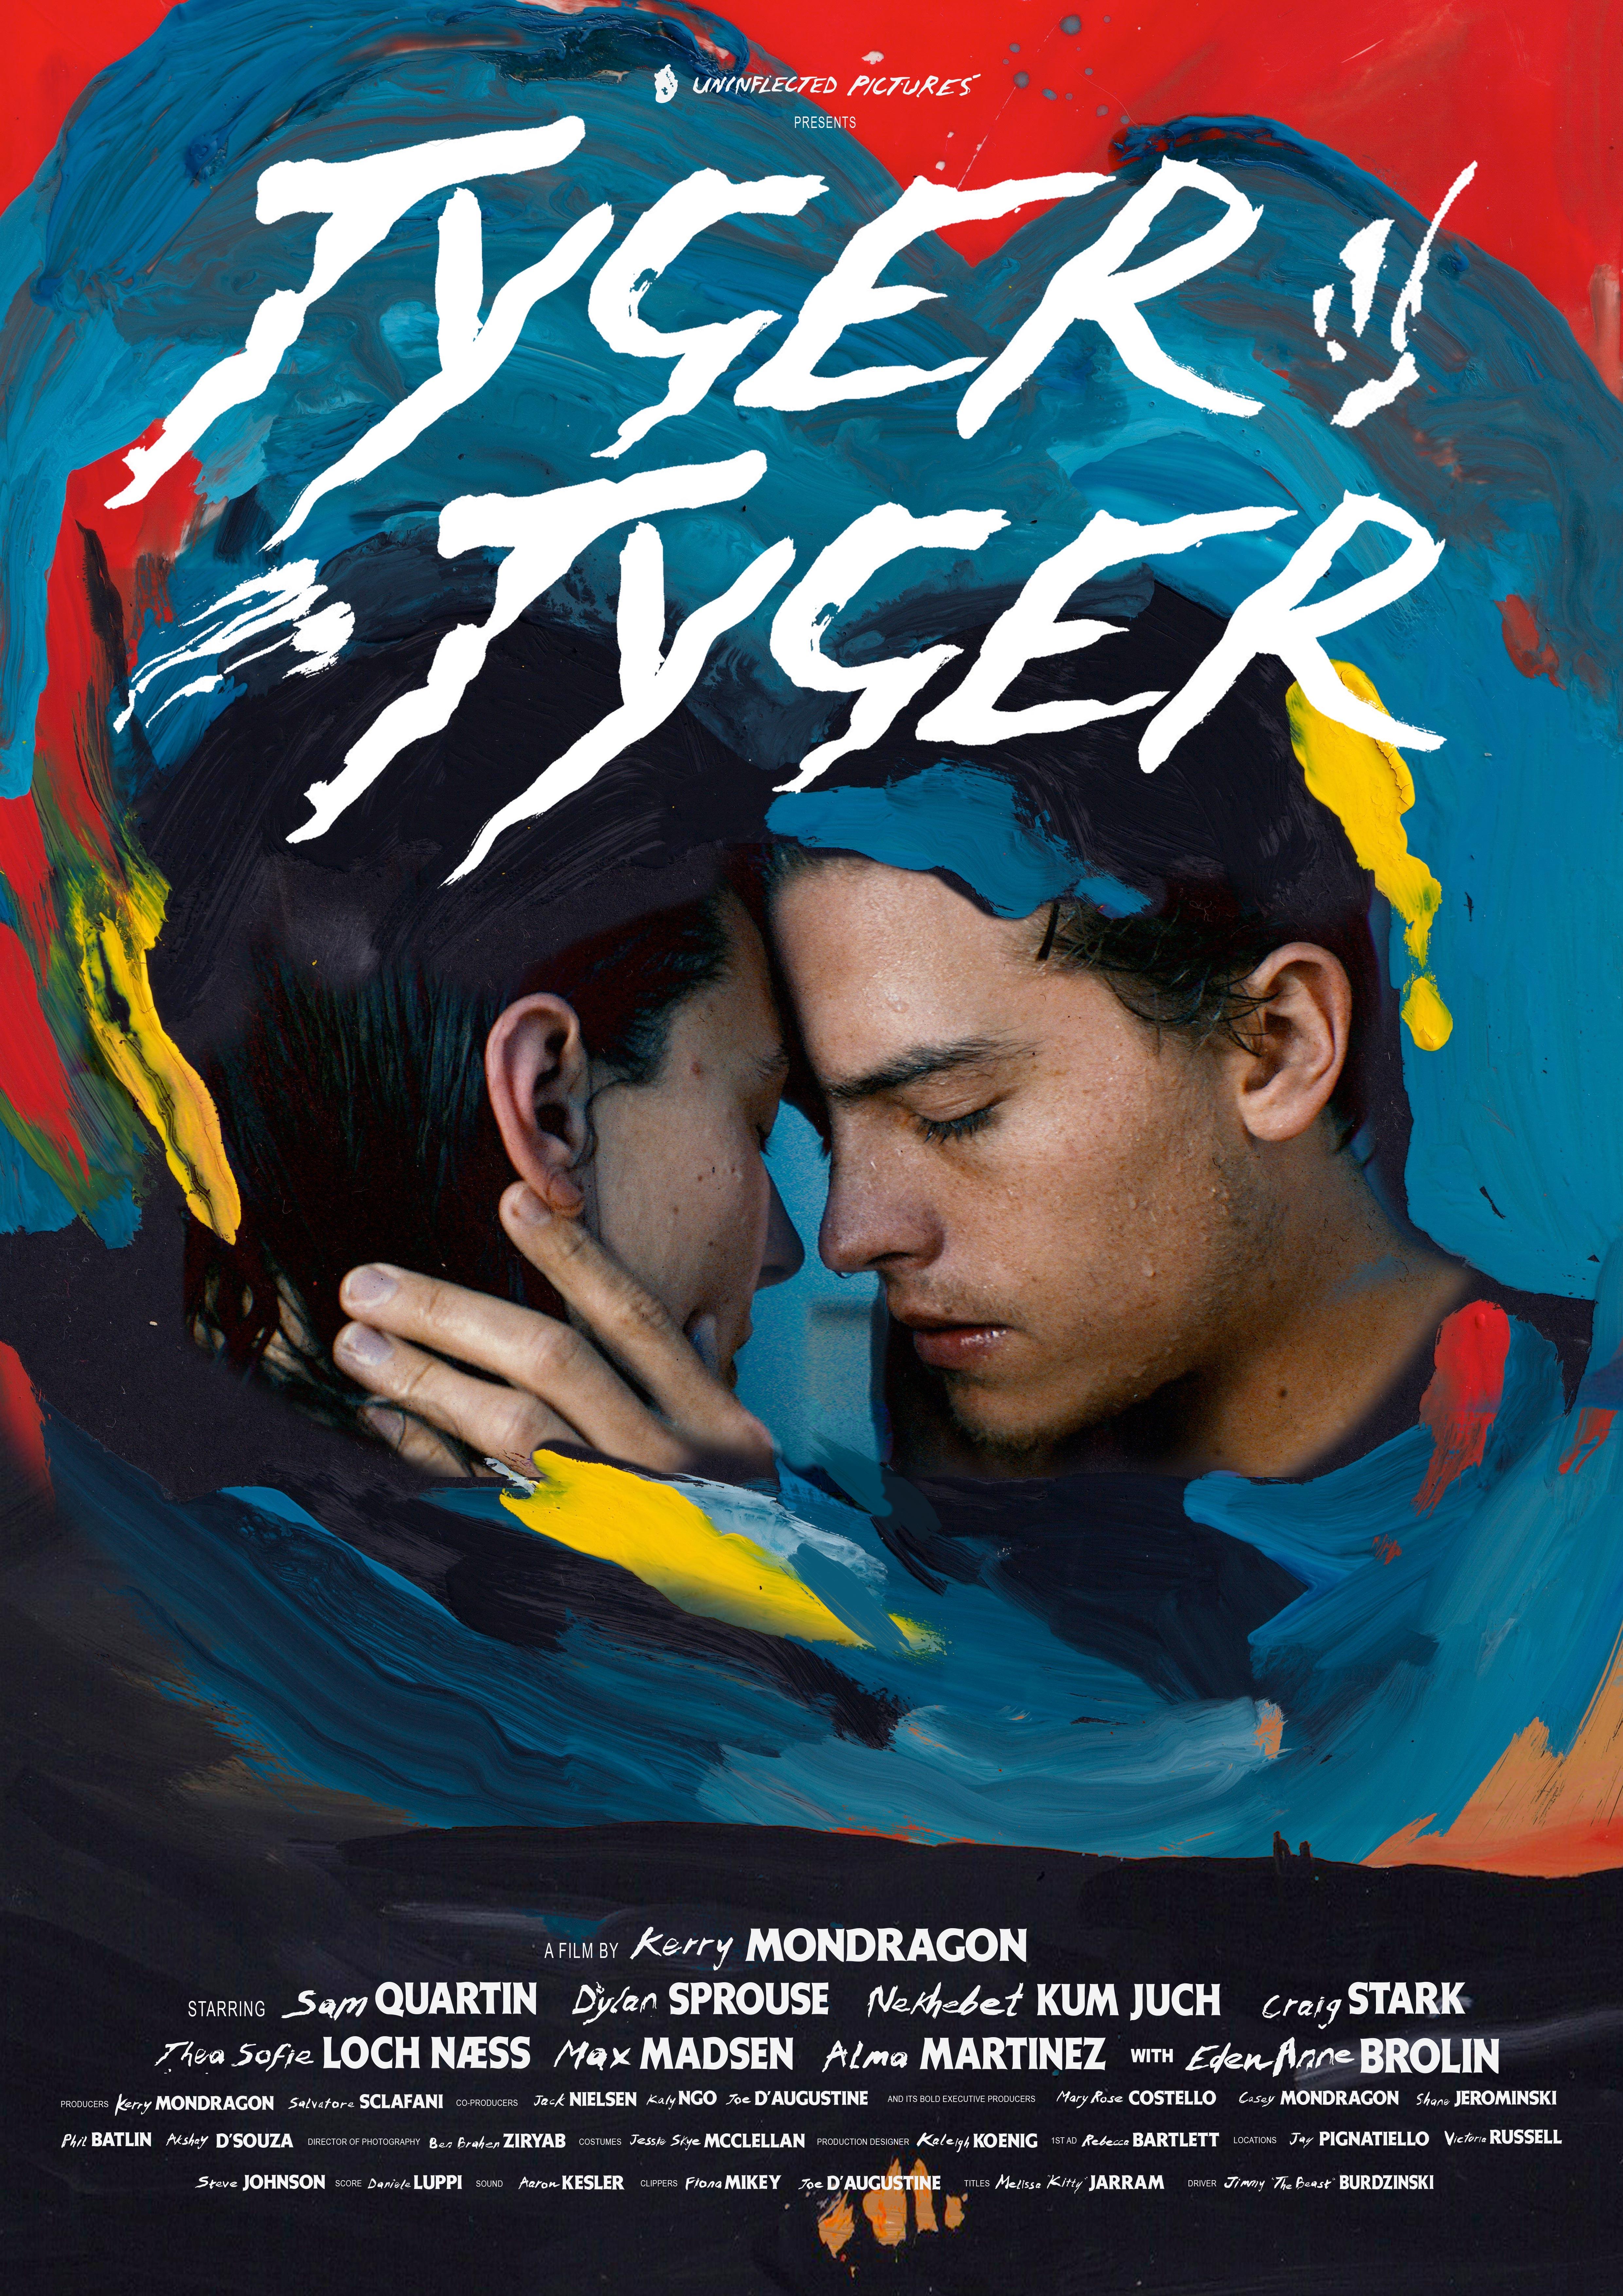 Tyger Tyger poster image